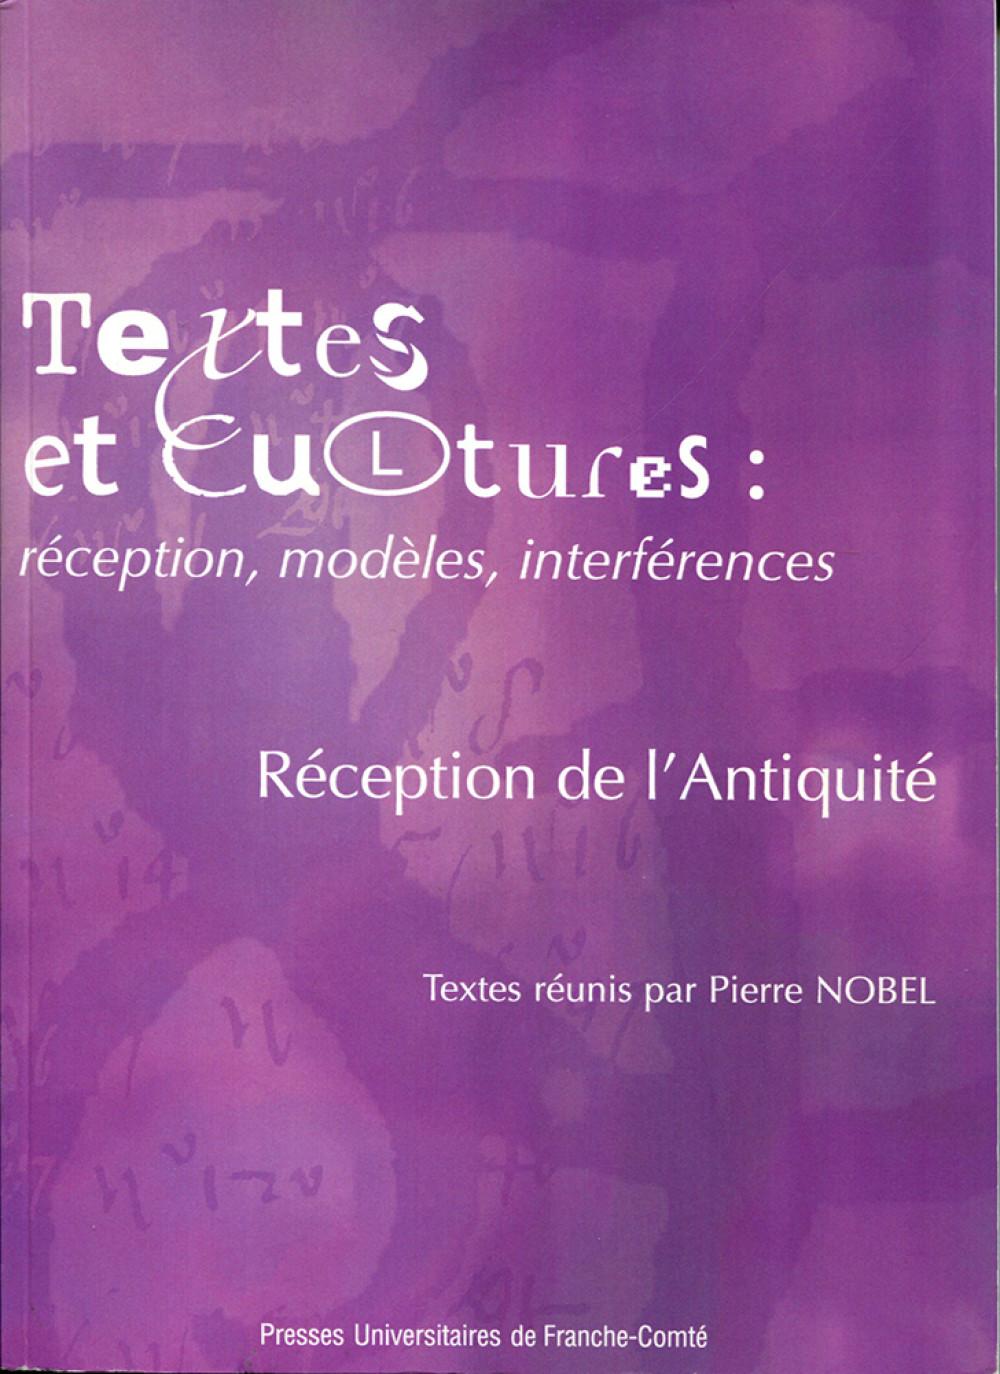 Textes et cultures : réception, modèles, interférences.- volume 1